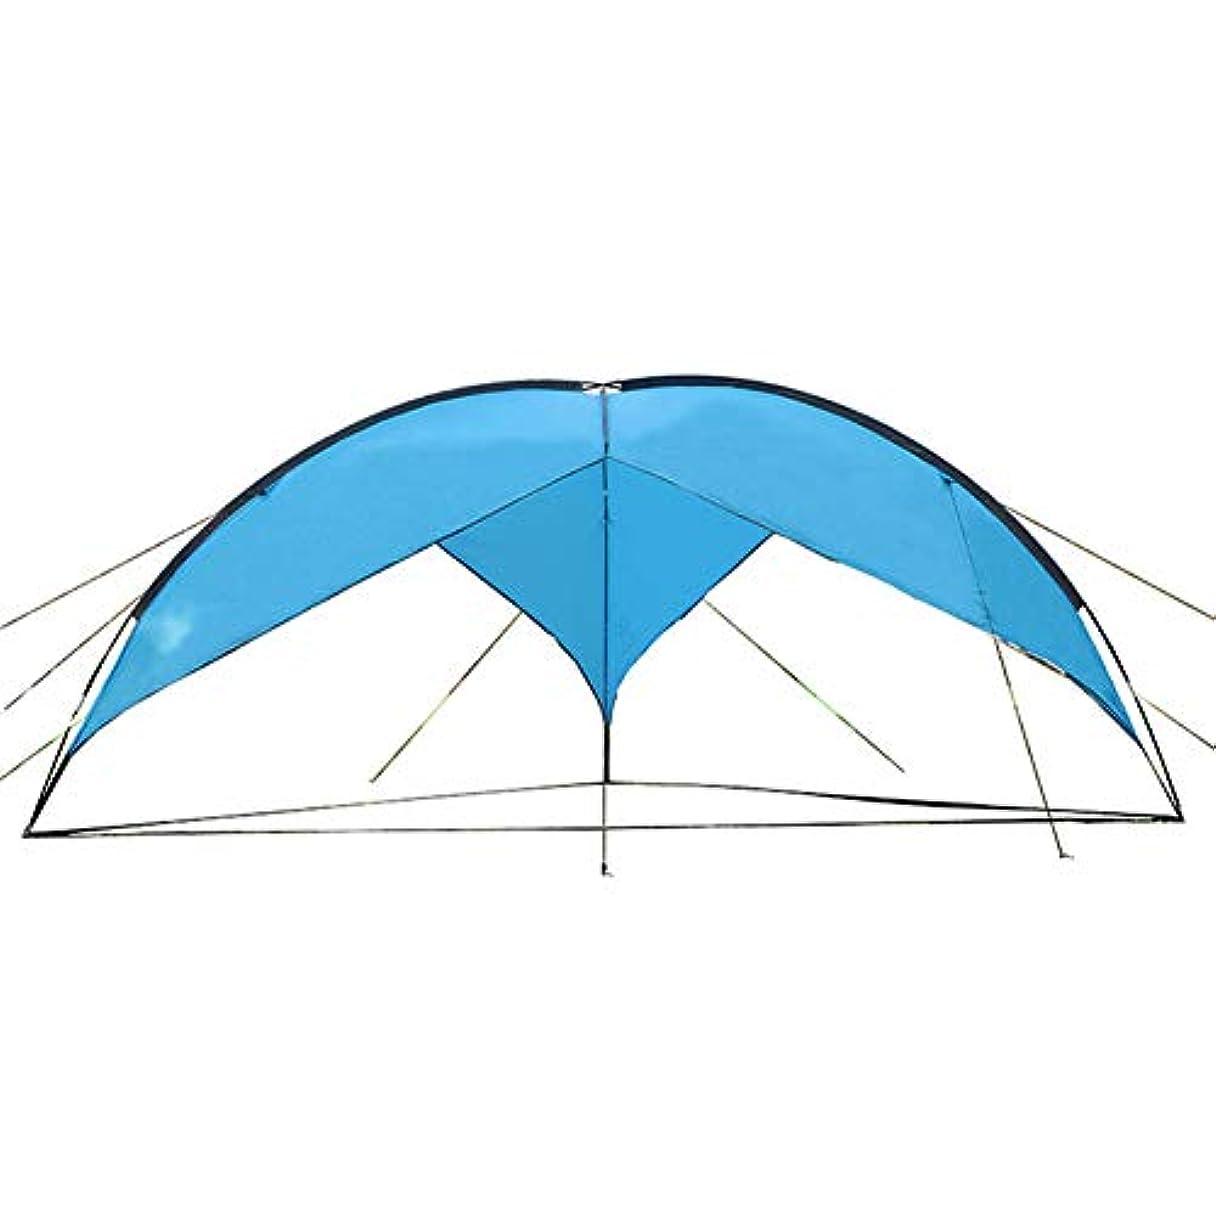 コーン気をつけて未満天幕シェード 防水タープ 紫外線カット アウトドアタープ 超軽量 キャンプ用品 収納袋付き 5~8人 大型